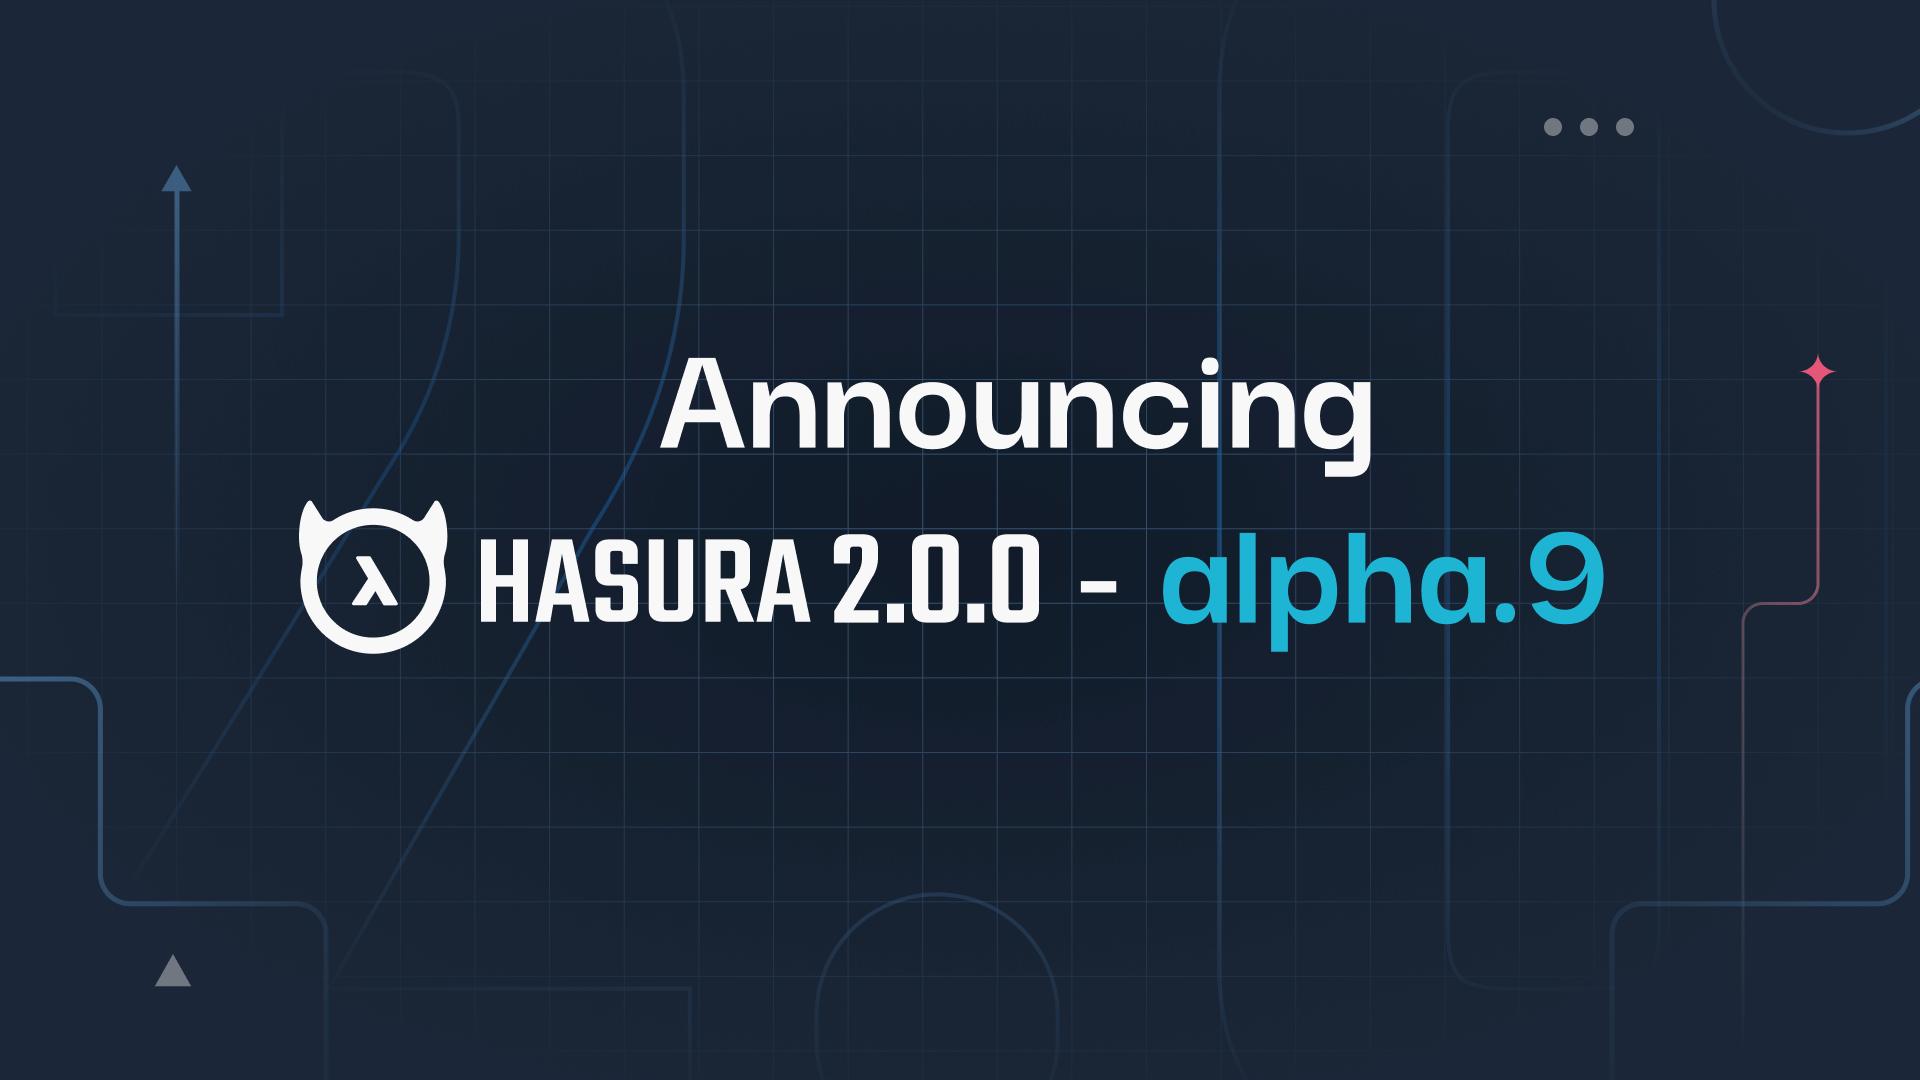 Announcing Hasura 2.0.0-alpha.9